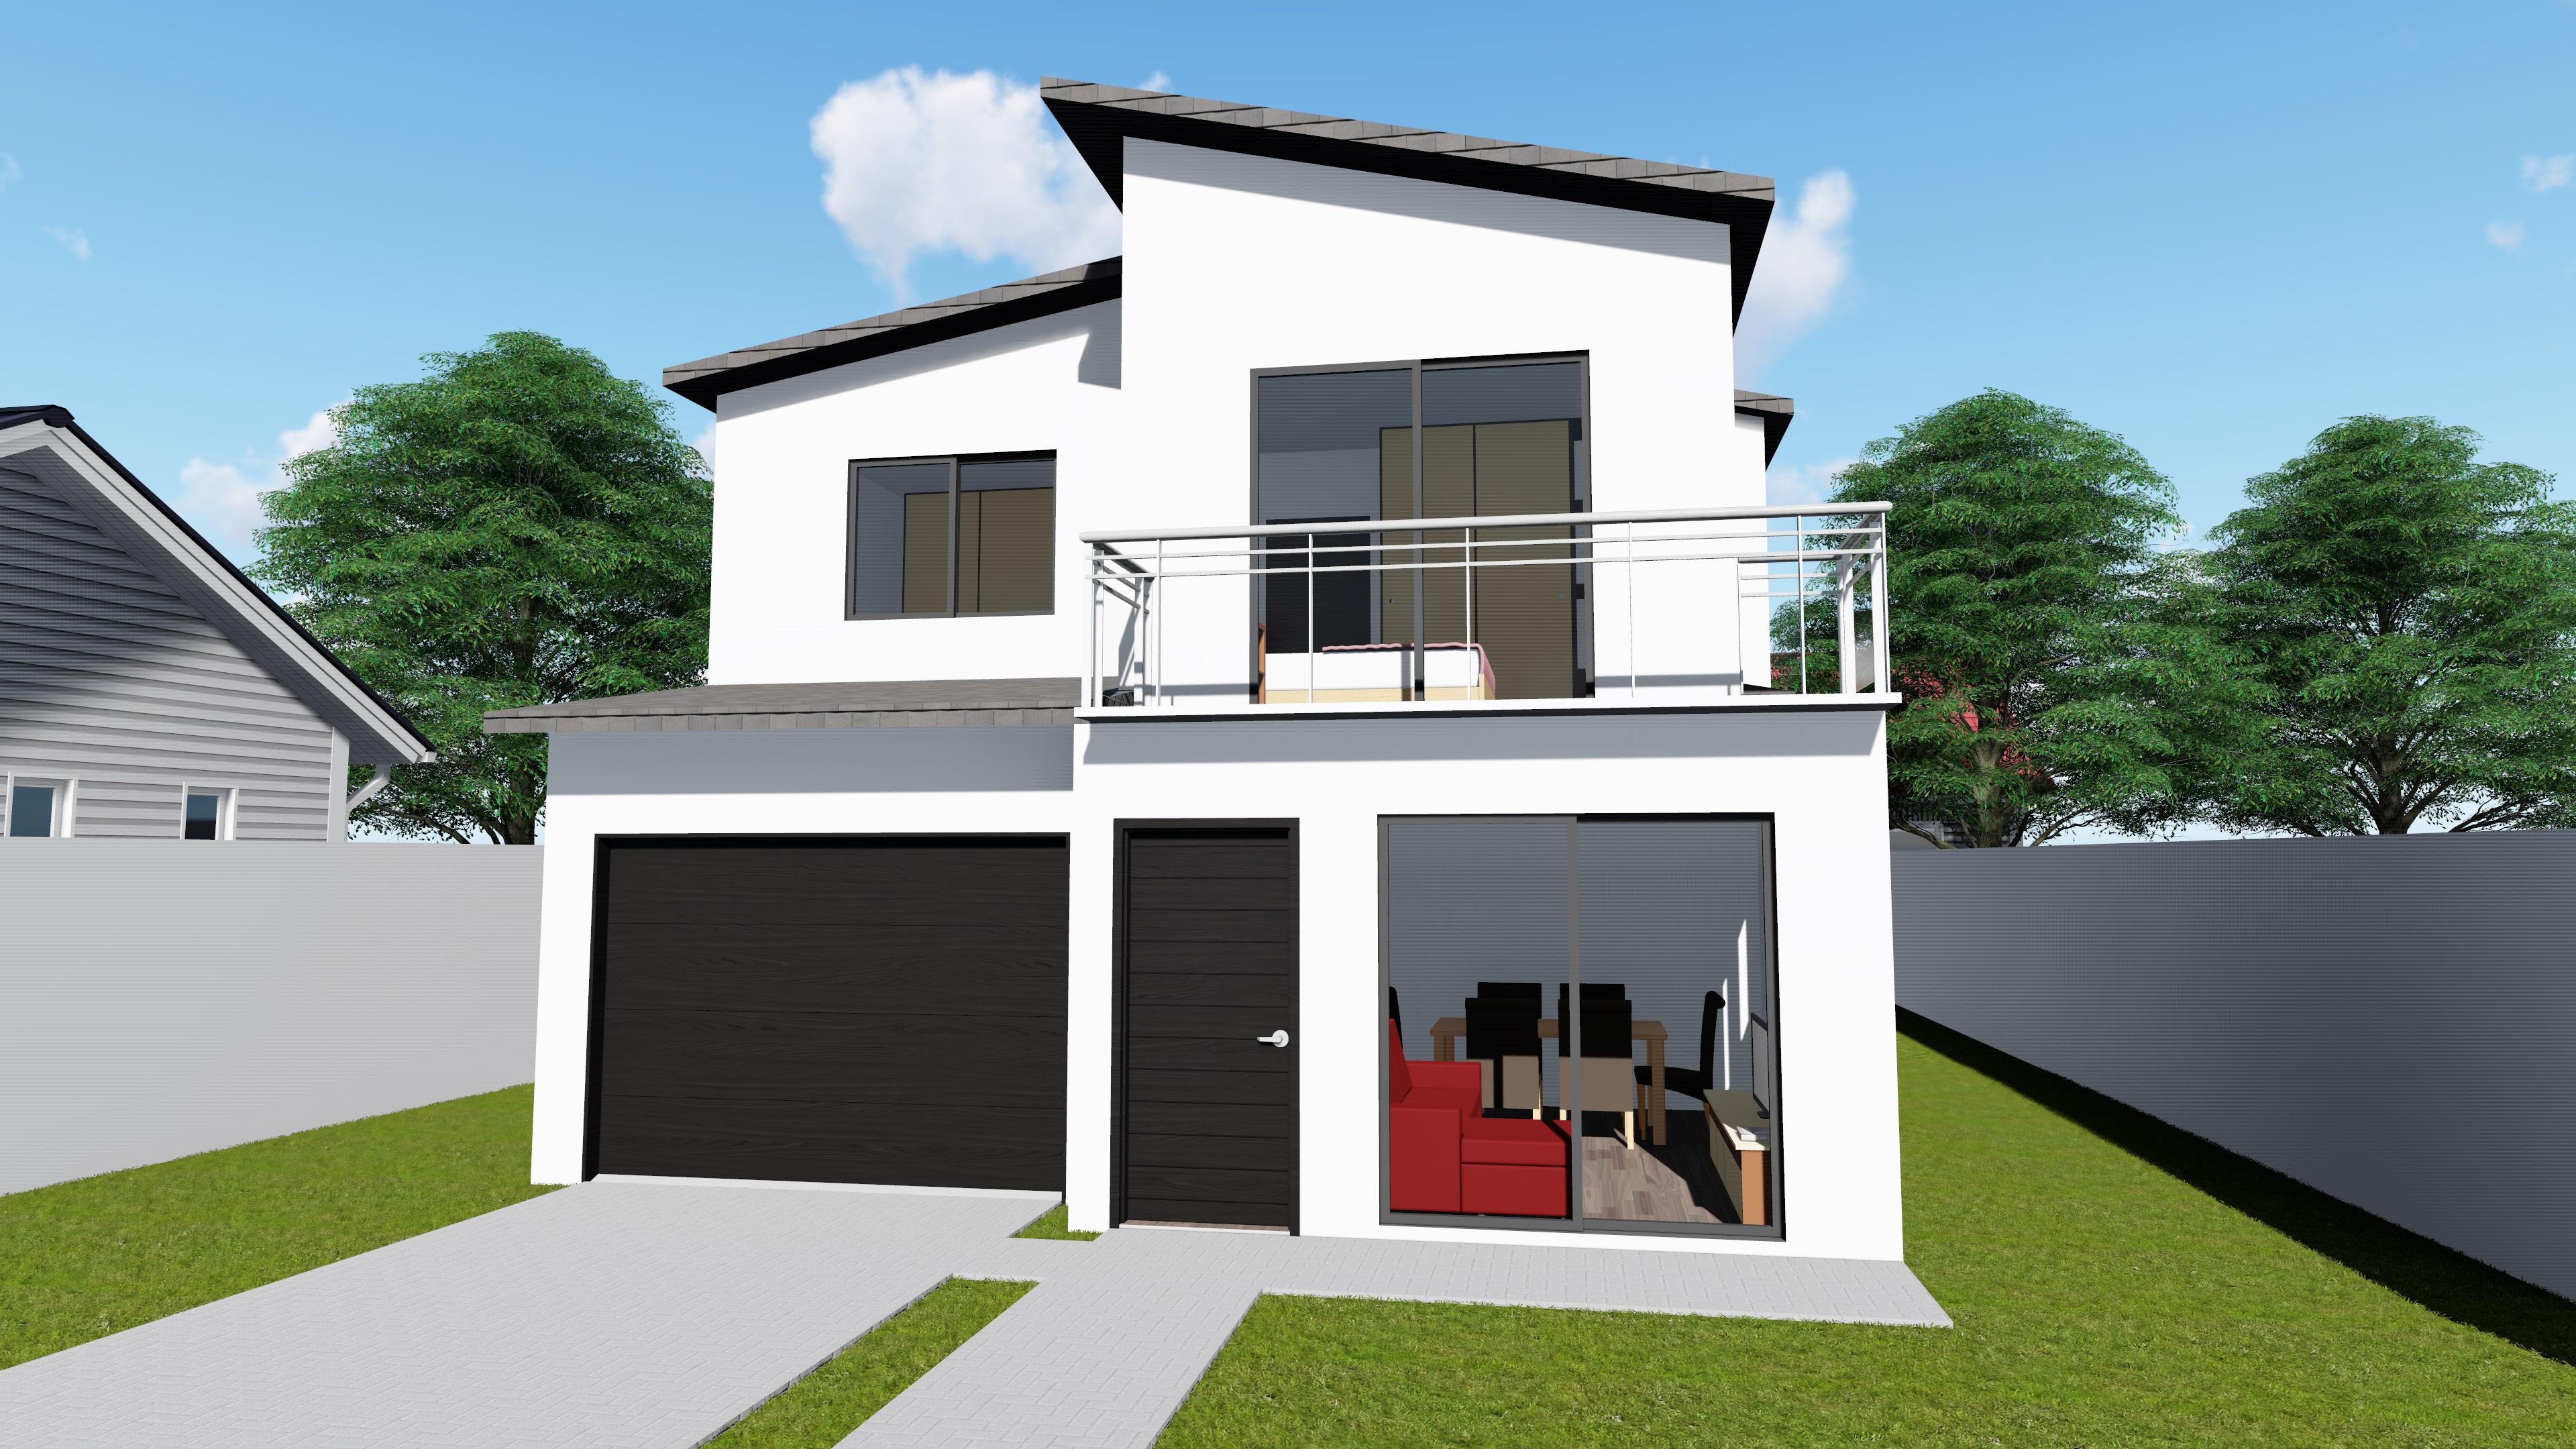 Casas steel frame modelos prontos sulm dulos sistemas for Modelos de techos metalicos para casas